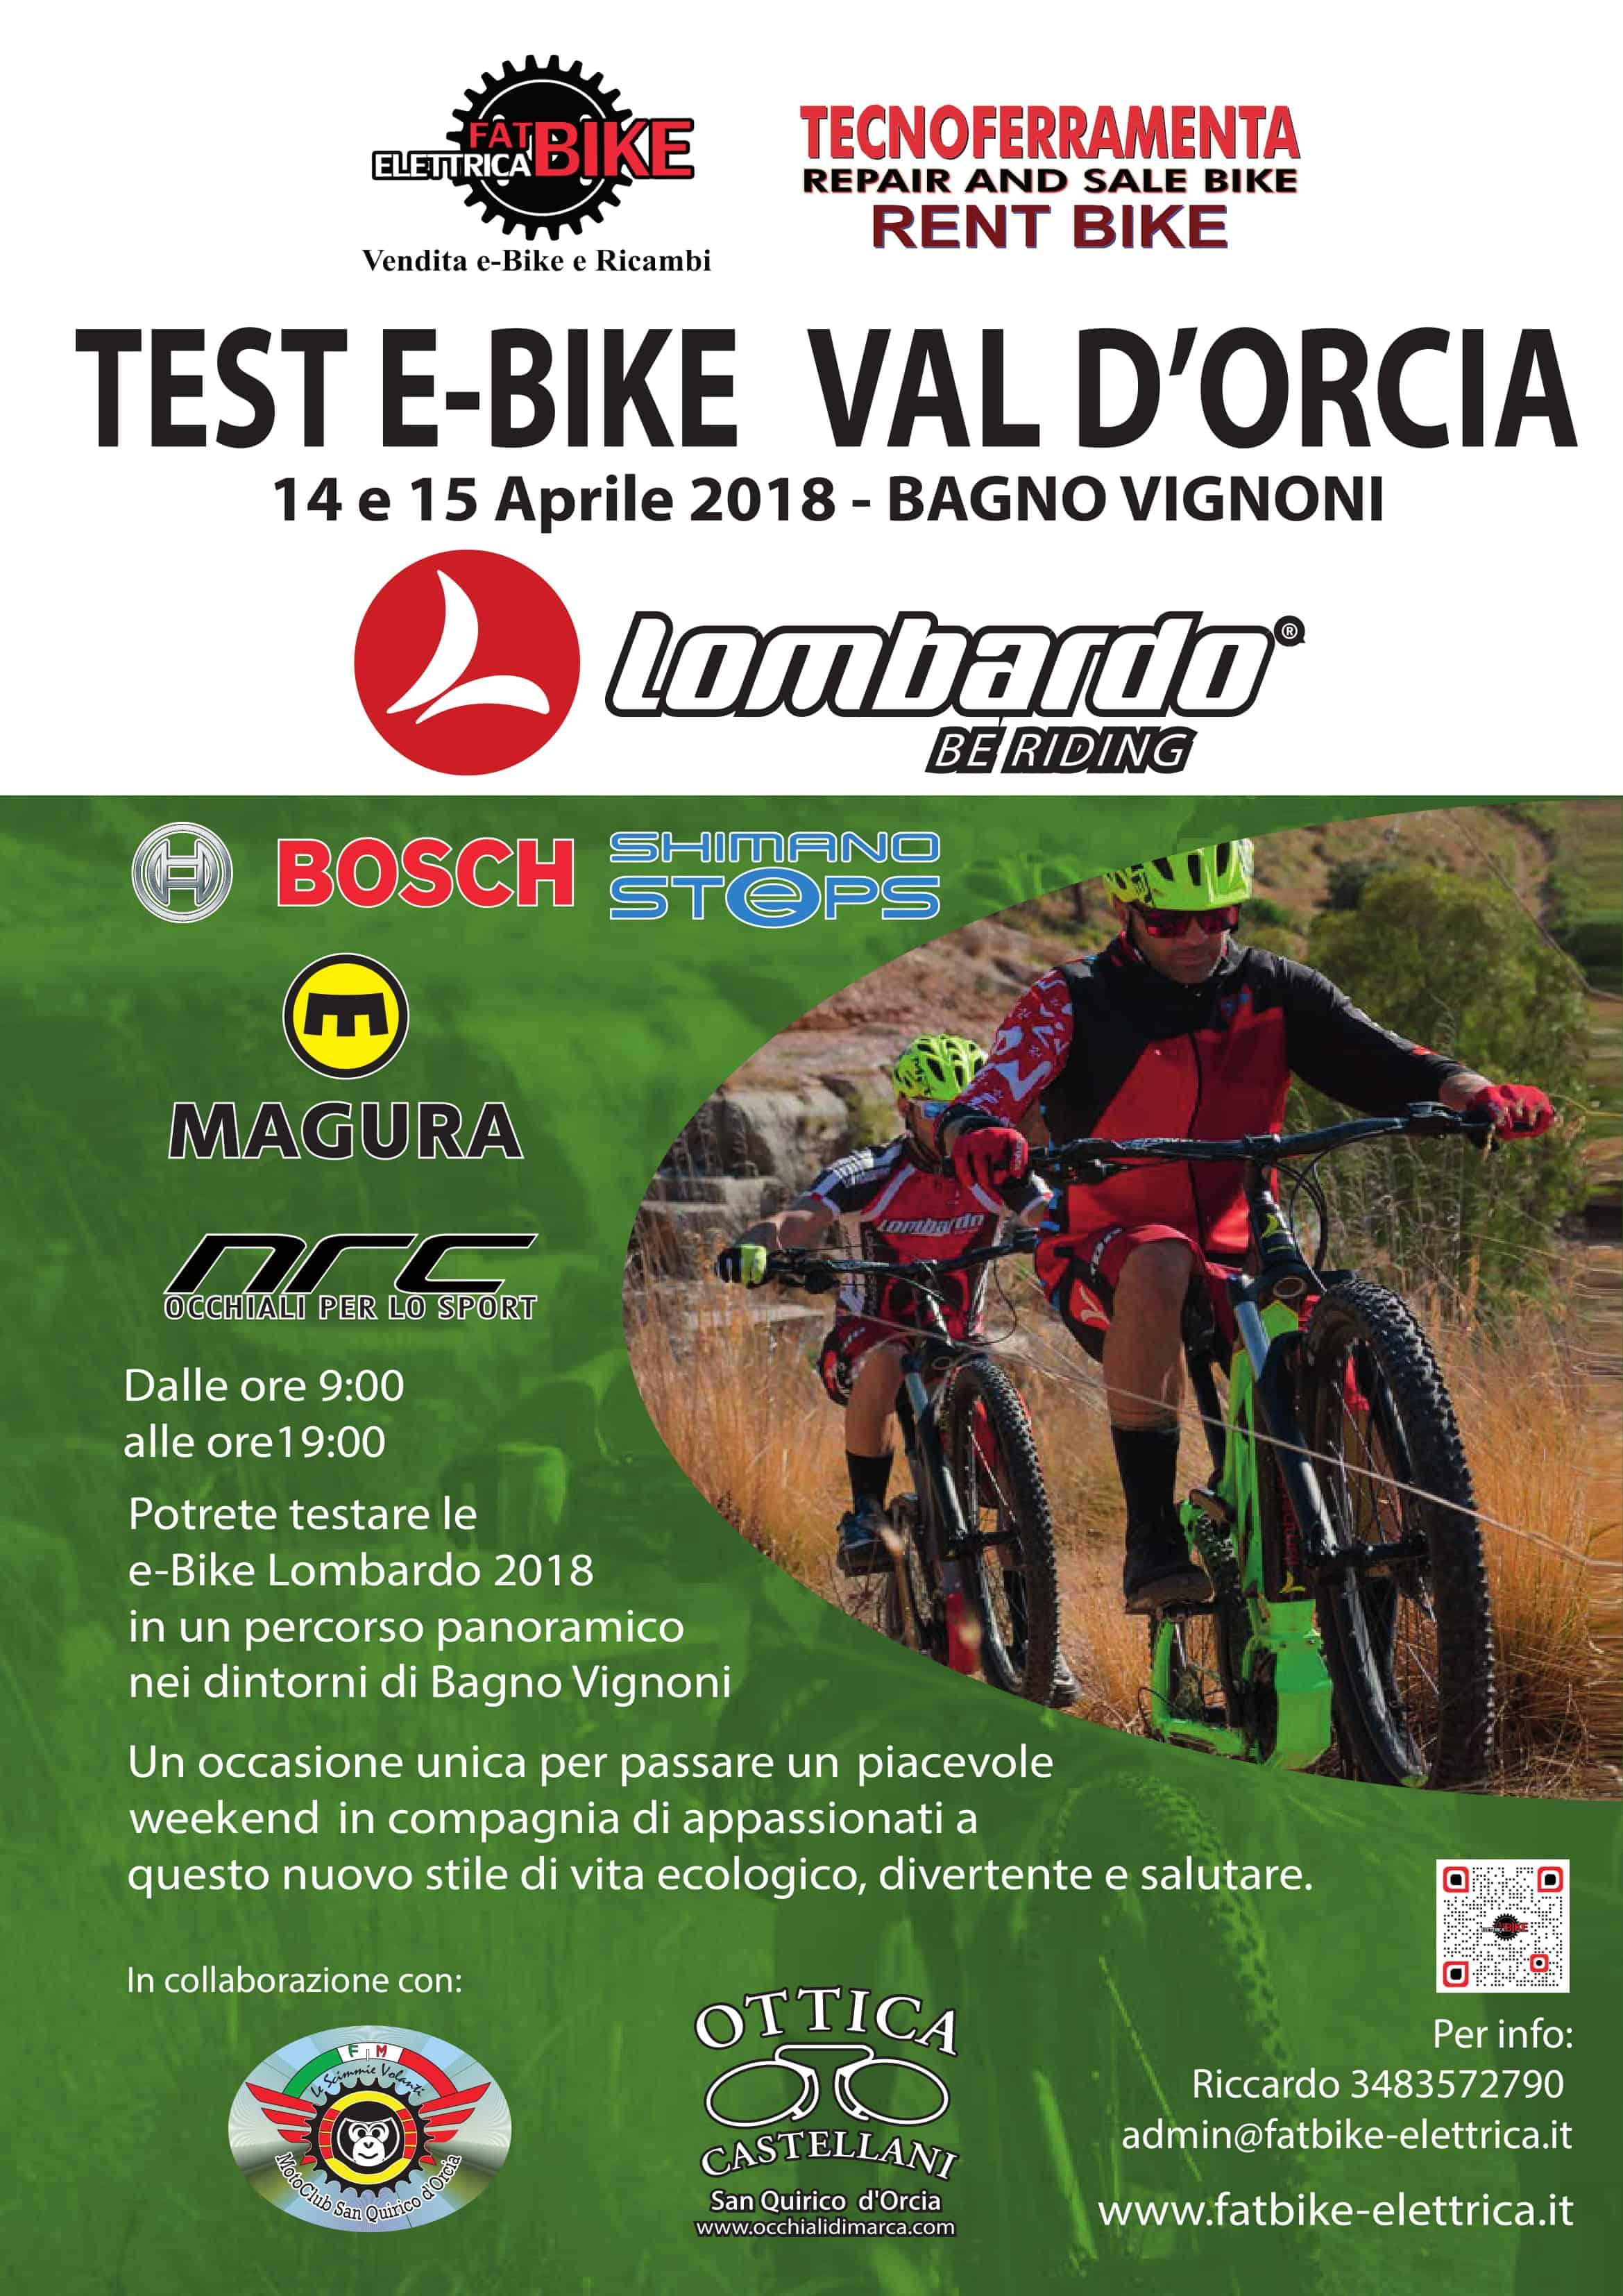 Test e-Bike parco della Val D'Orcia 14-15 Aprile alle Terme di Bagno Vignoni.